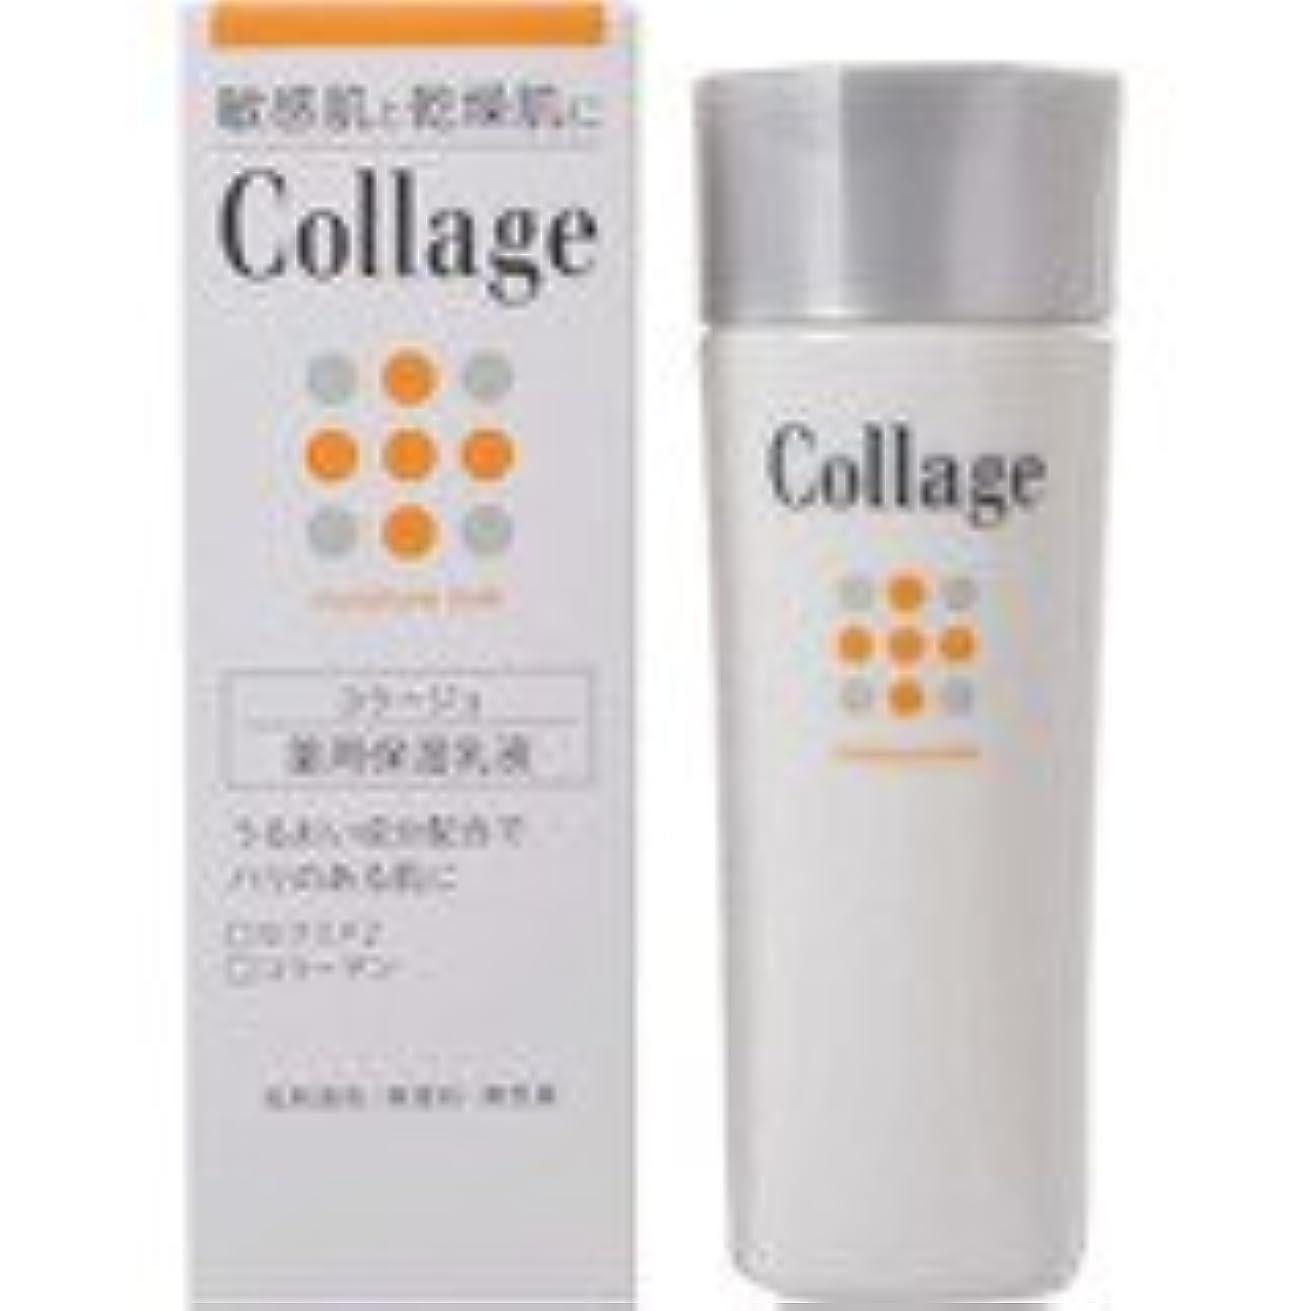 広範囲に十分な傾向があるコラージュ 薬用保湿乳液 80ml×2【持田ヘルスケア】 【医薬部外品】 4540